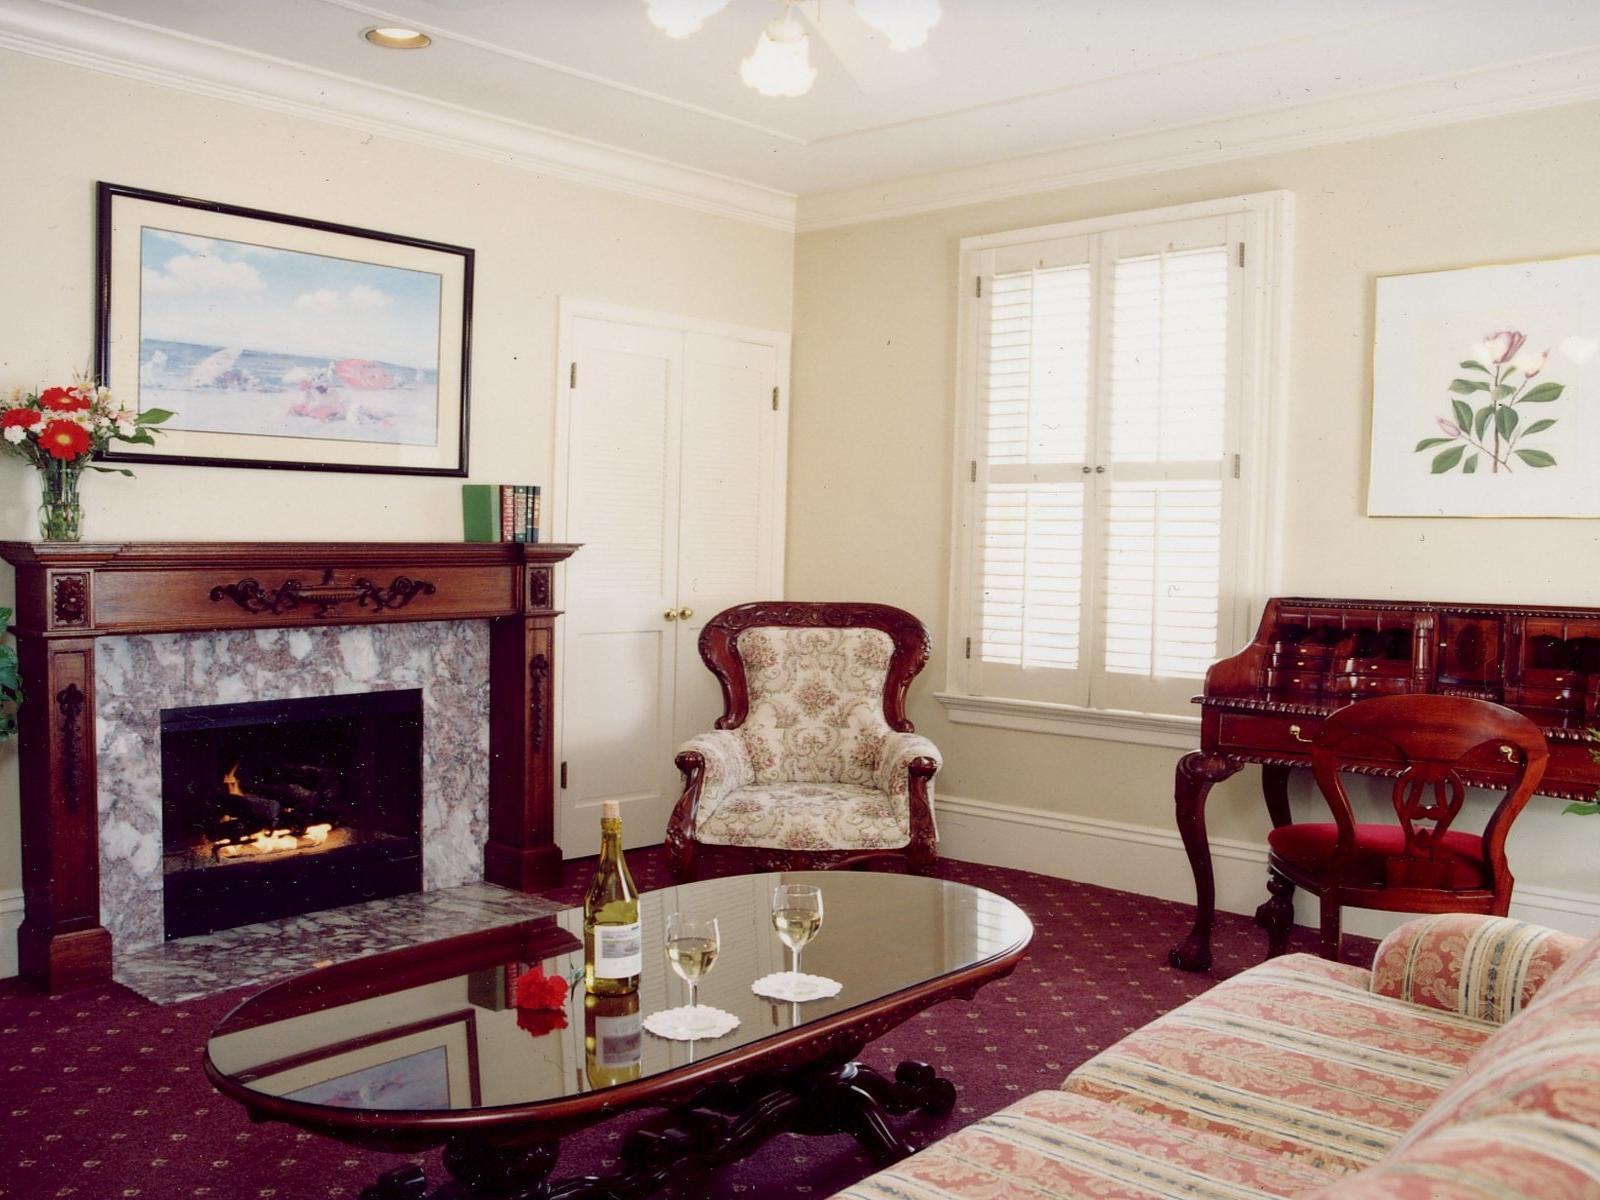 Monterey Hotels - The Monterey Hotel